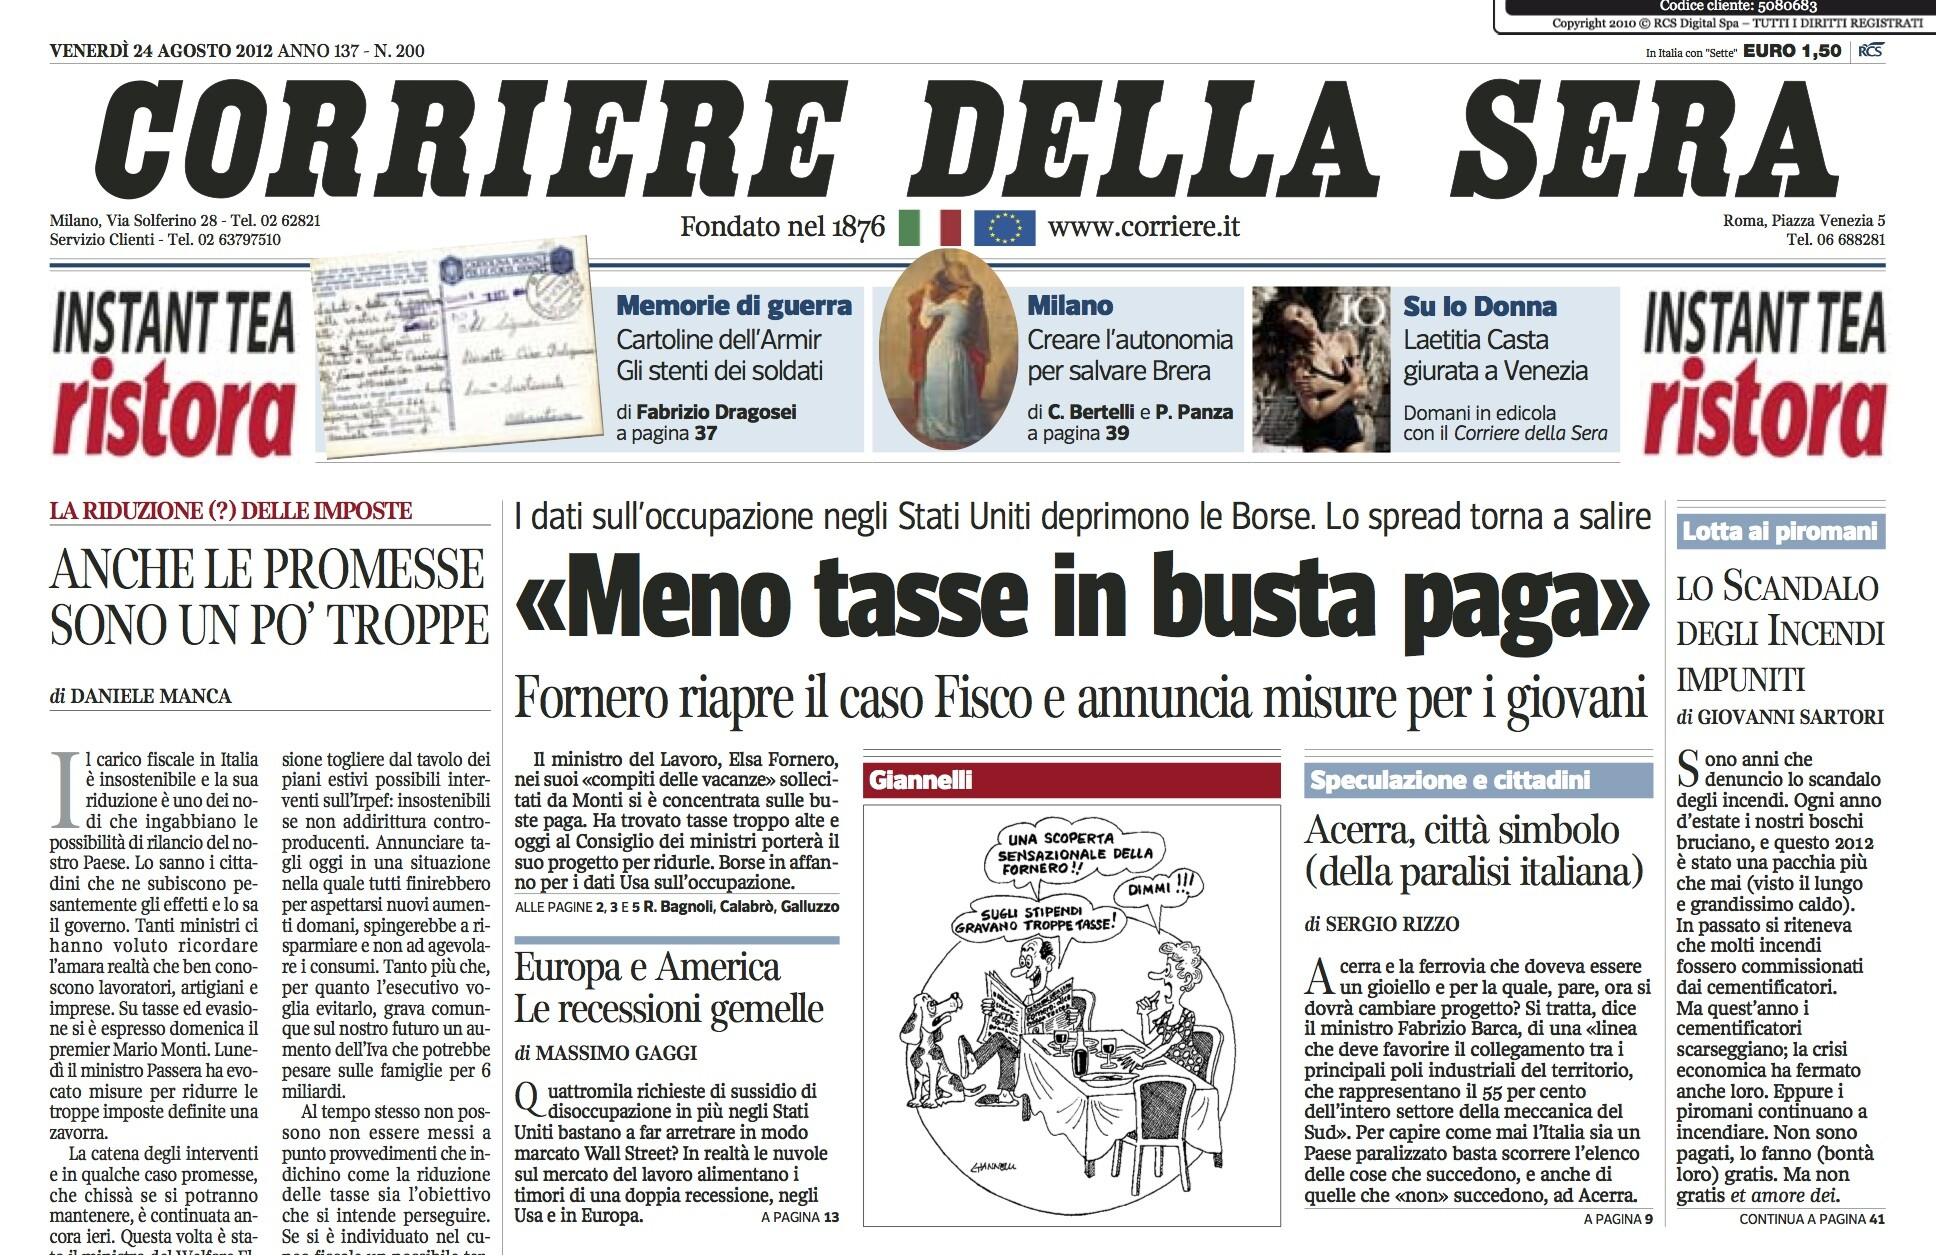 Il corriere della sera a pagamento basta cancellare la for Corriere della sera arredamento